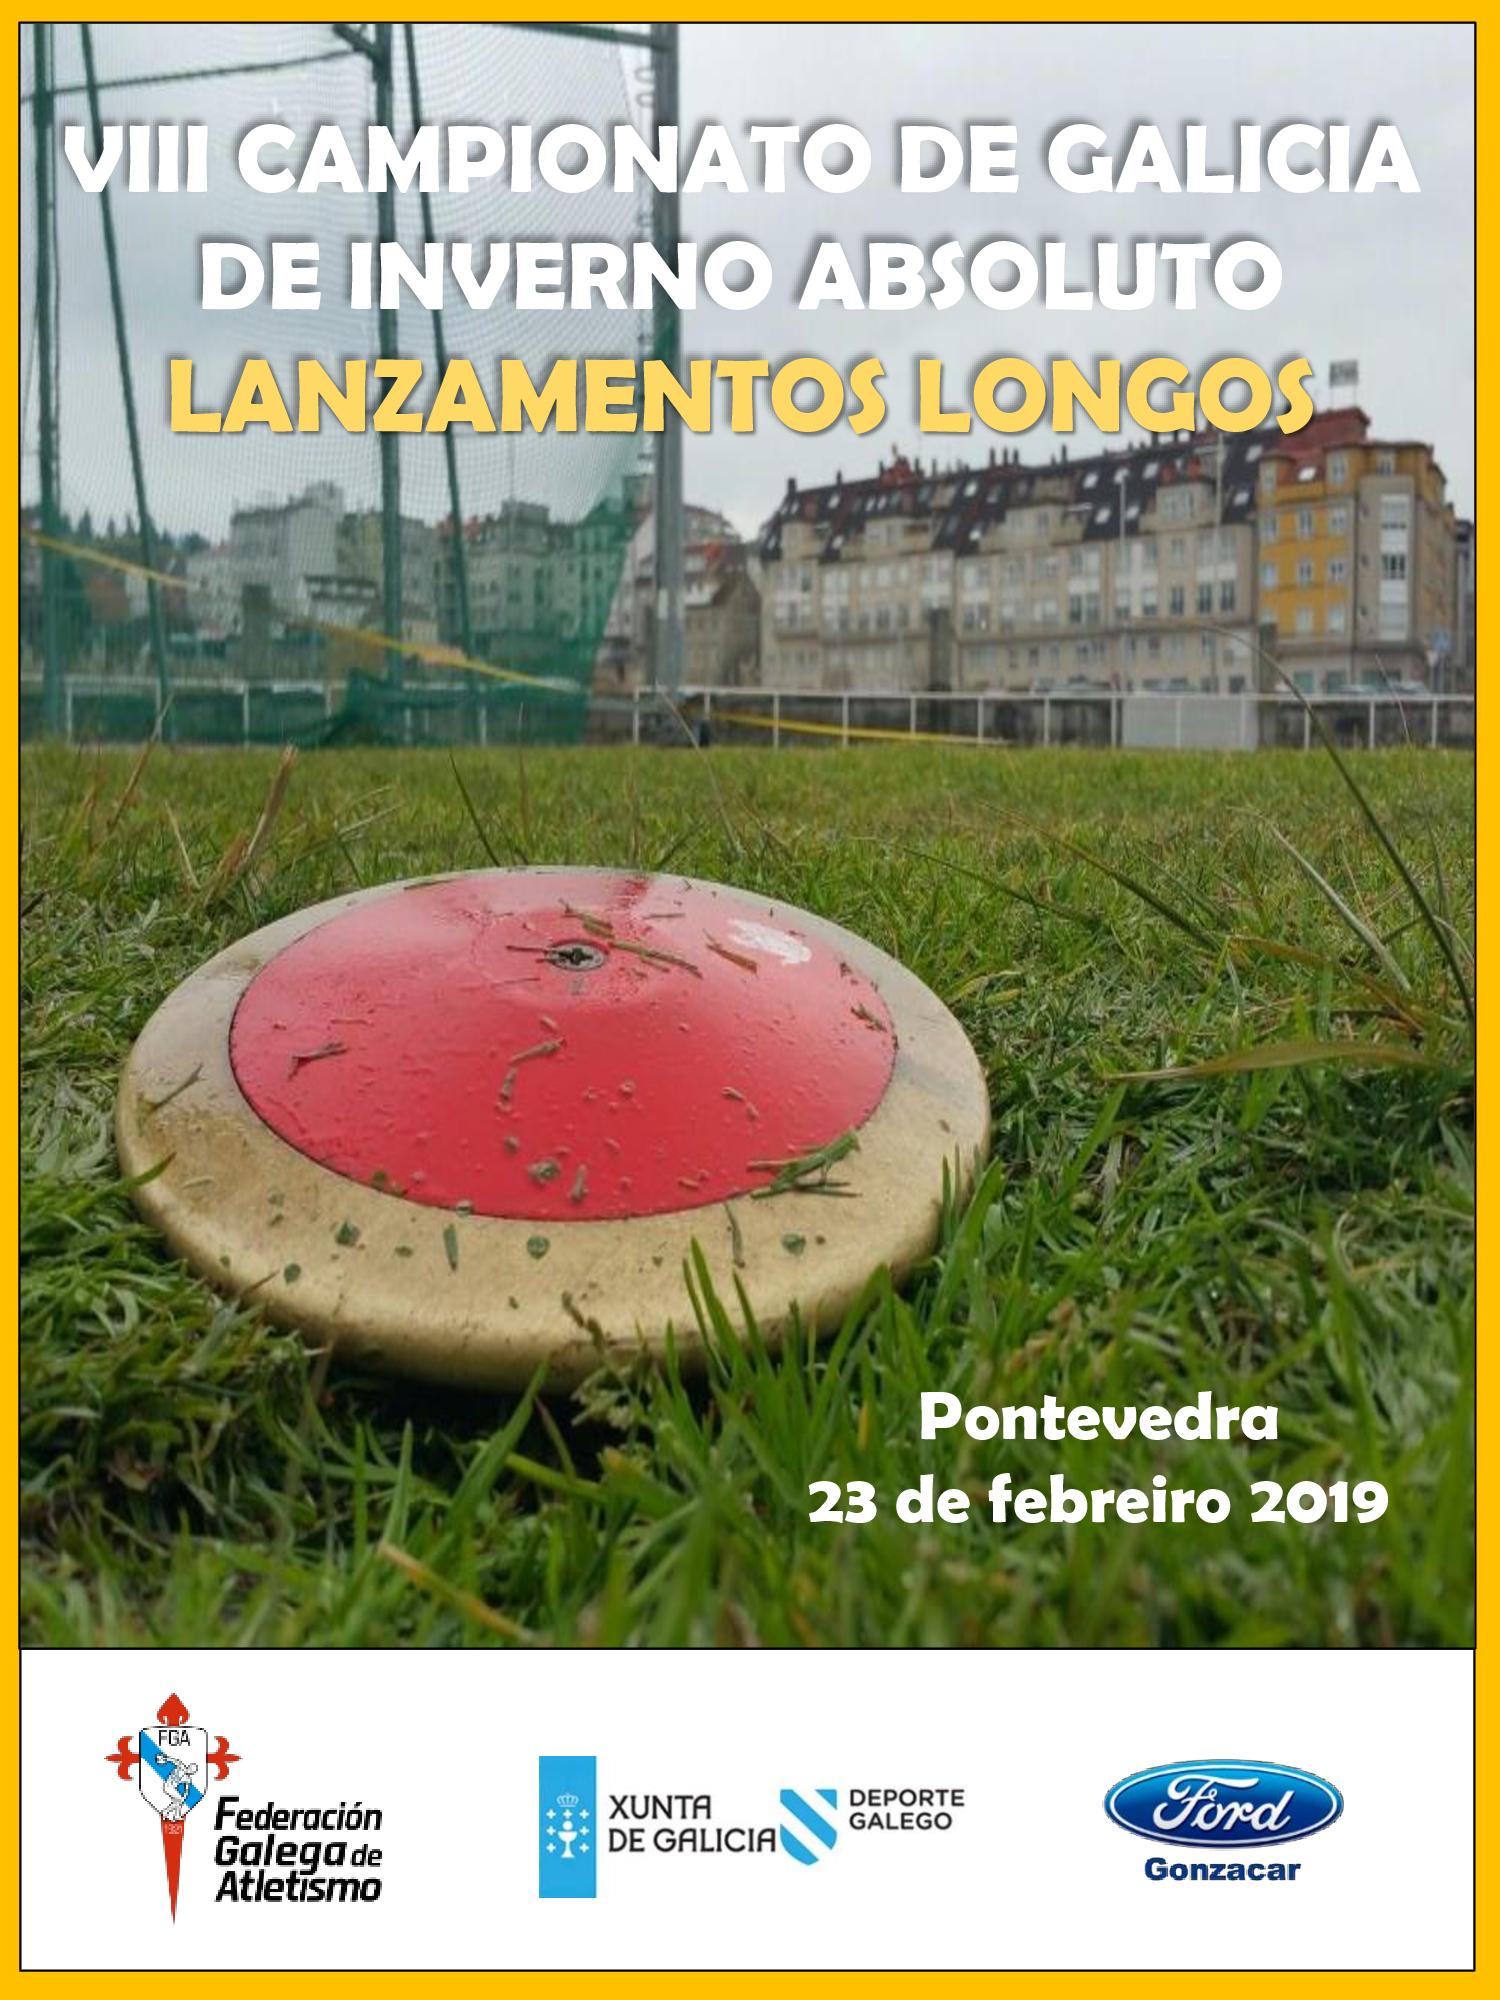 VIII Campionato de Galicia de Inverno Absoluto de Lanzamentos Longos